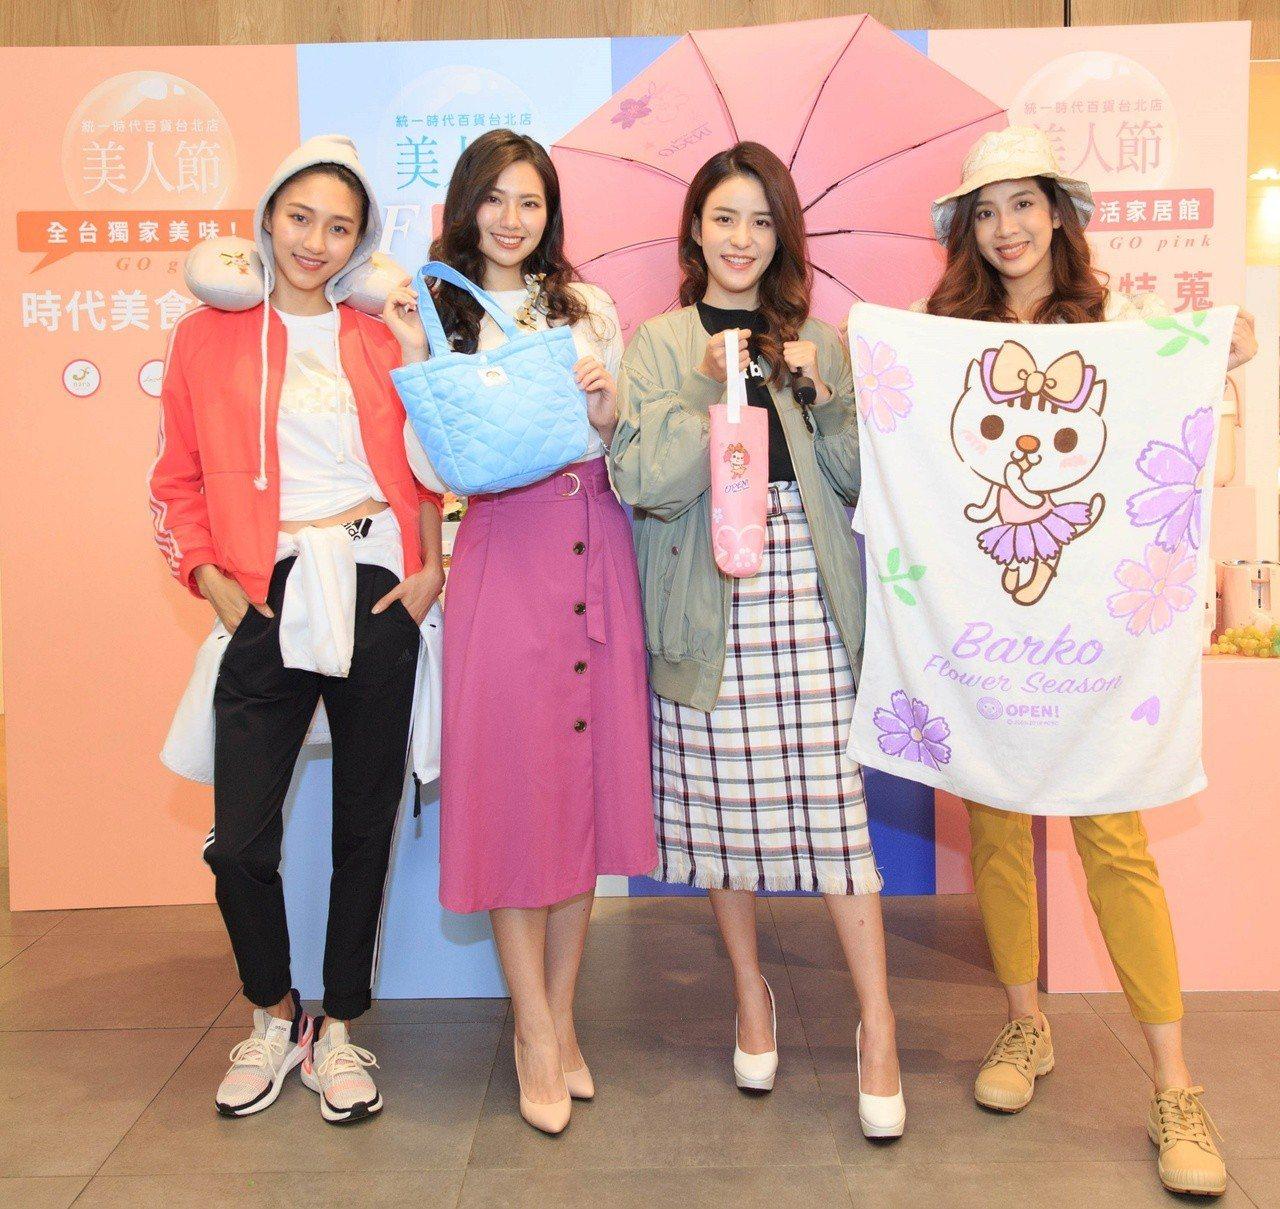 台北統一時代百貨3月28日起展開「美人節」,推出跨樓跨櫃累計滿3千送3百優惠。圖...